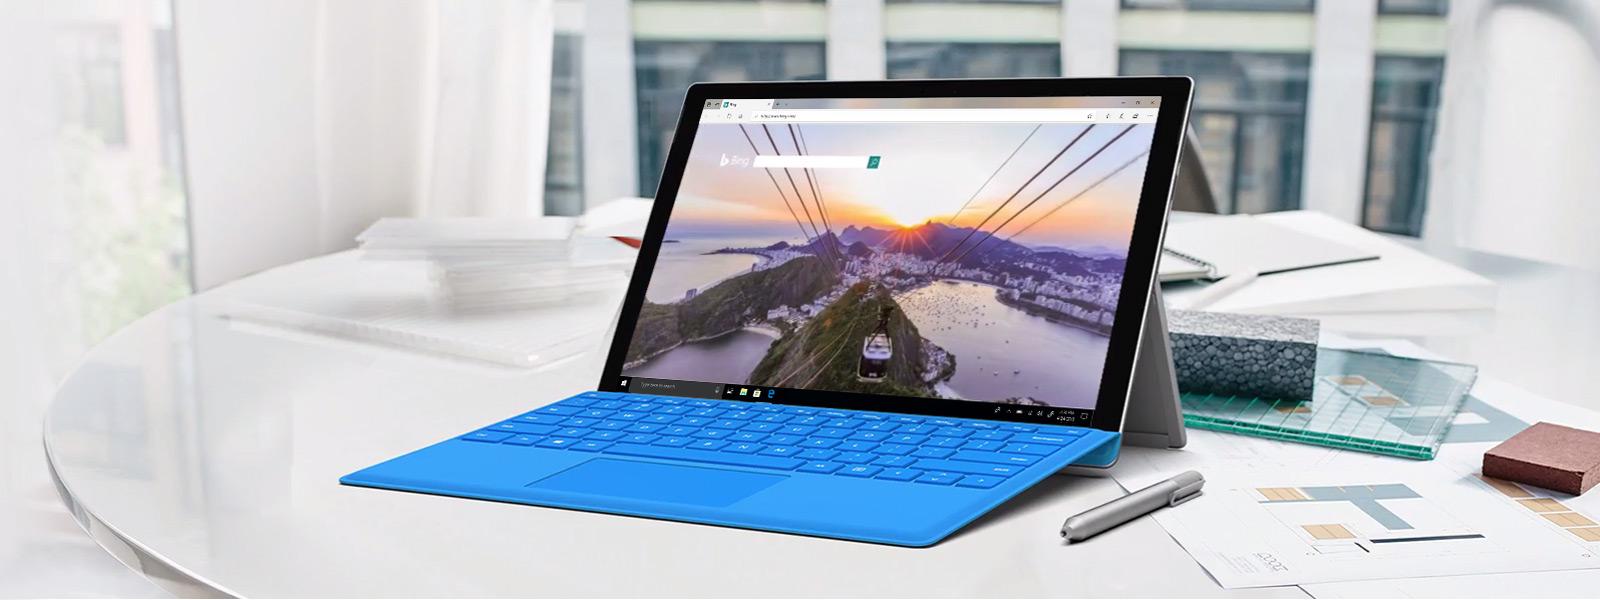 Microsoft Edge, jossa näkyy Bing-hakunäyttö